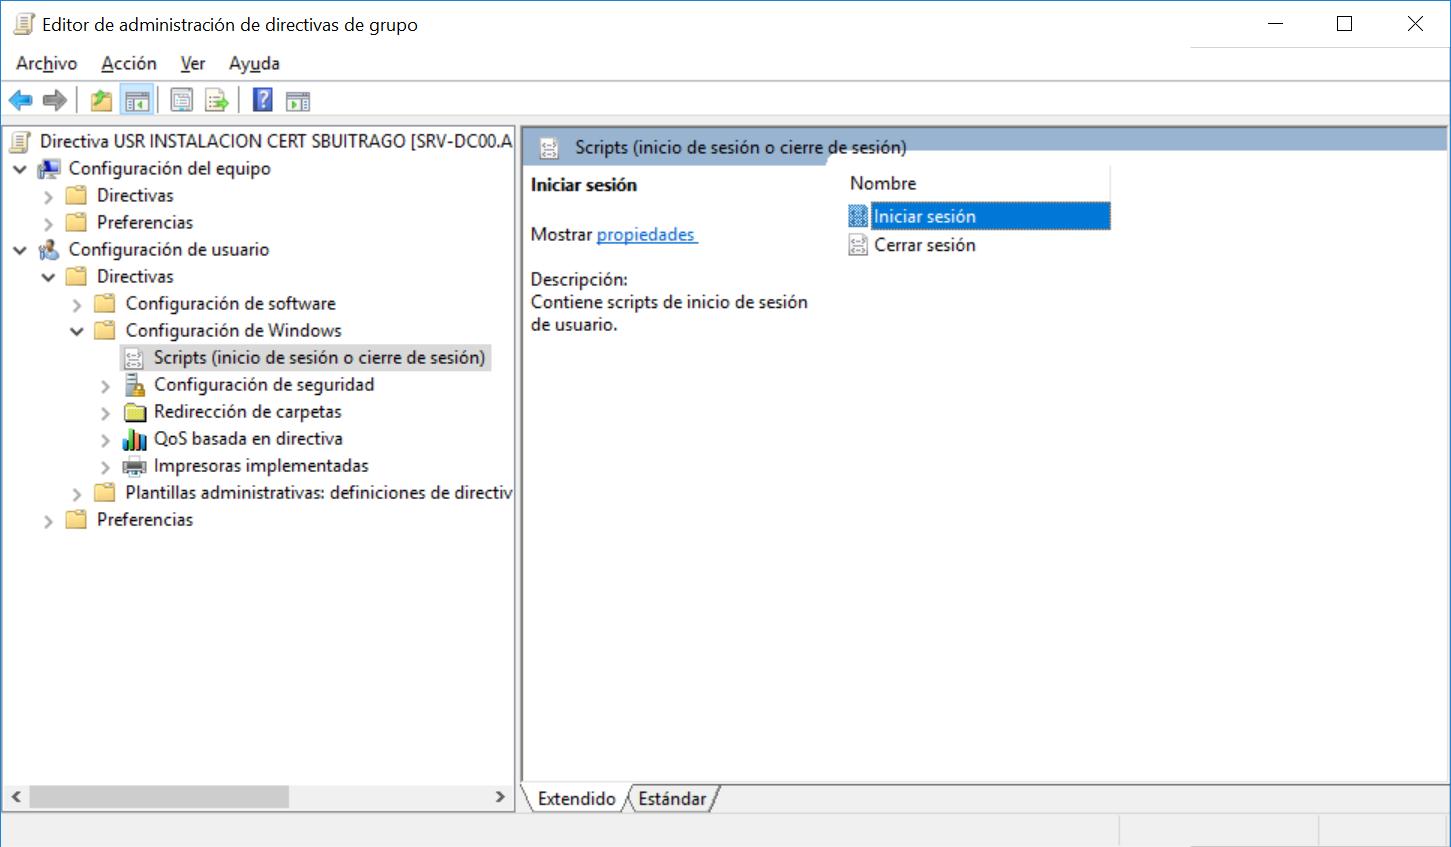 instalar_certificados_usuarios_via_gpo_23